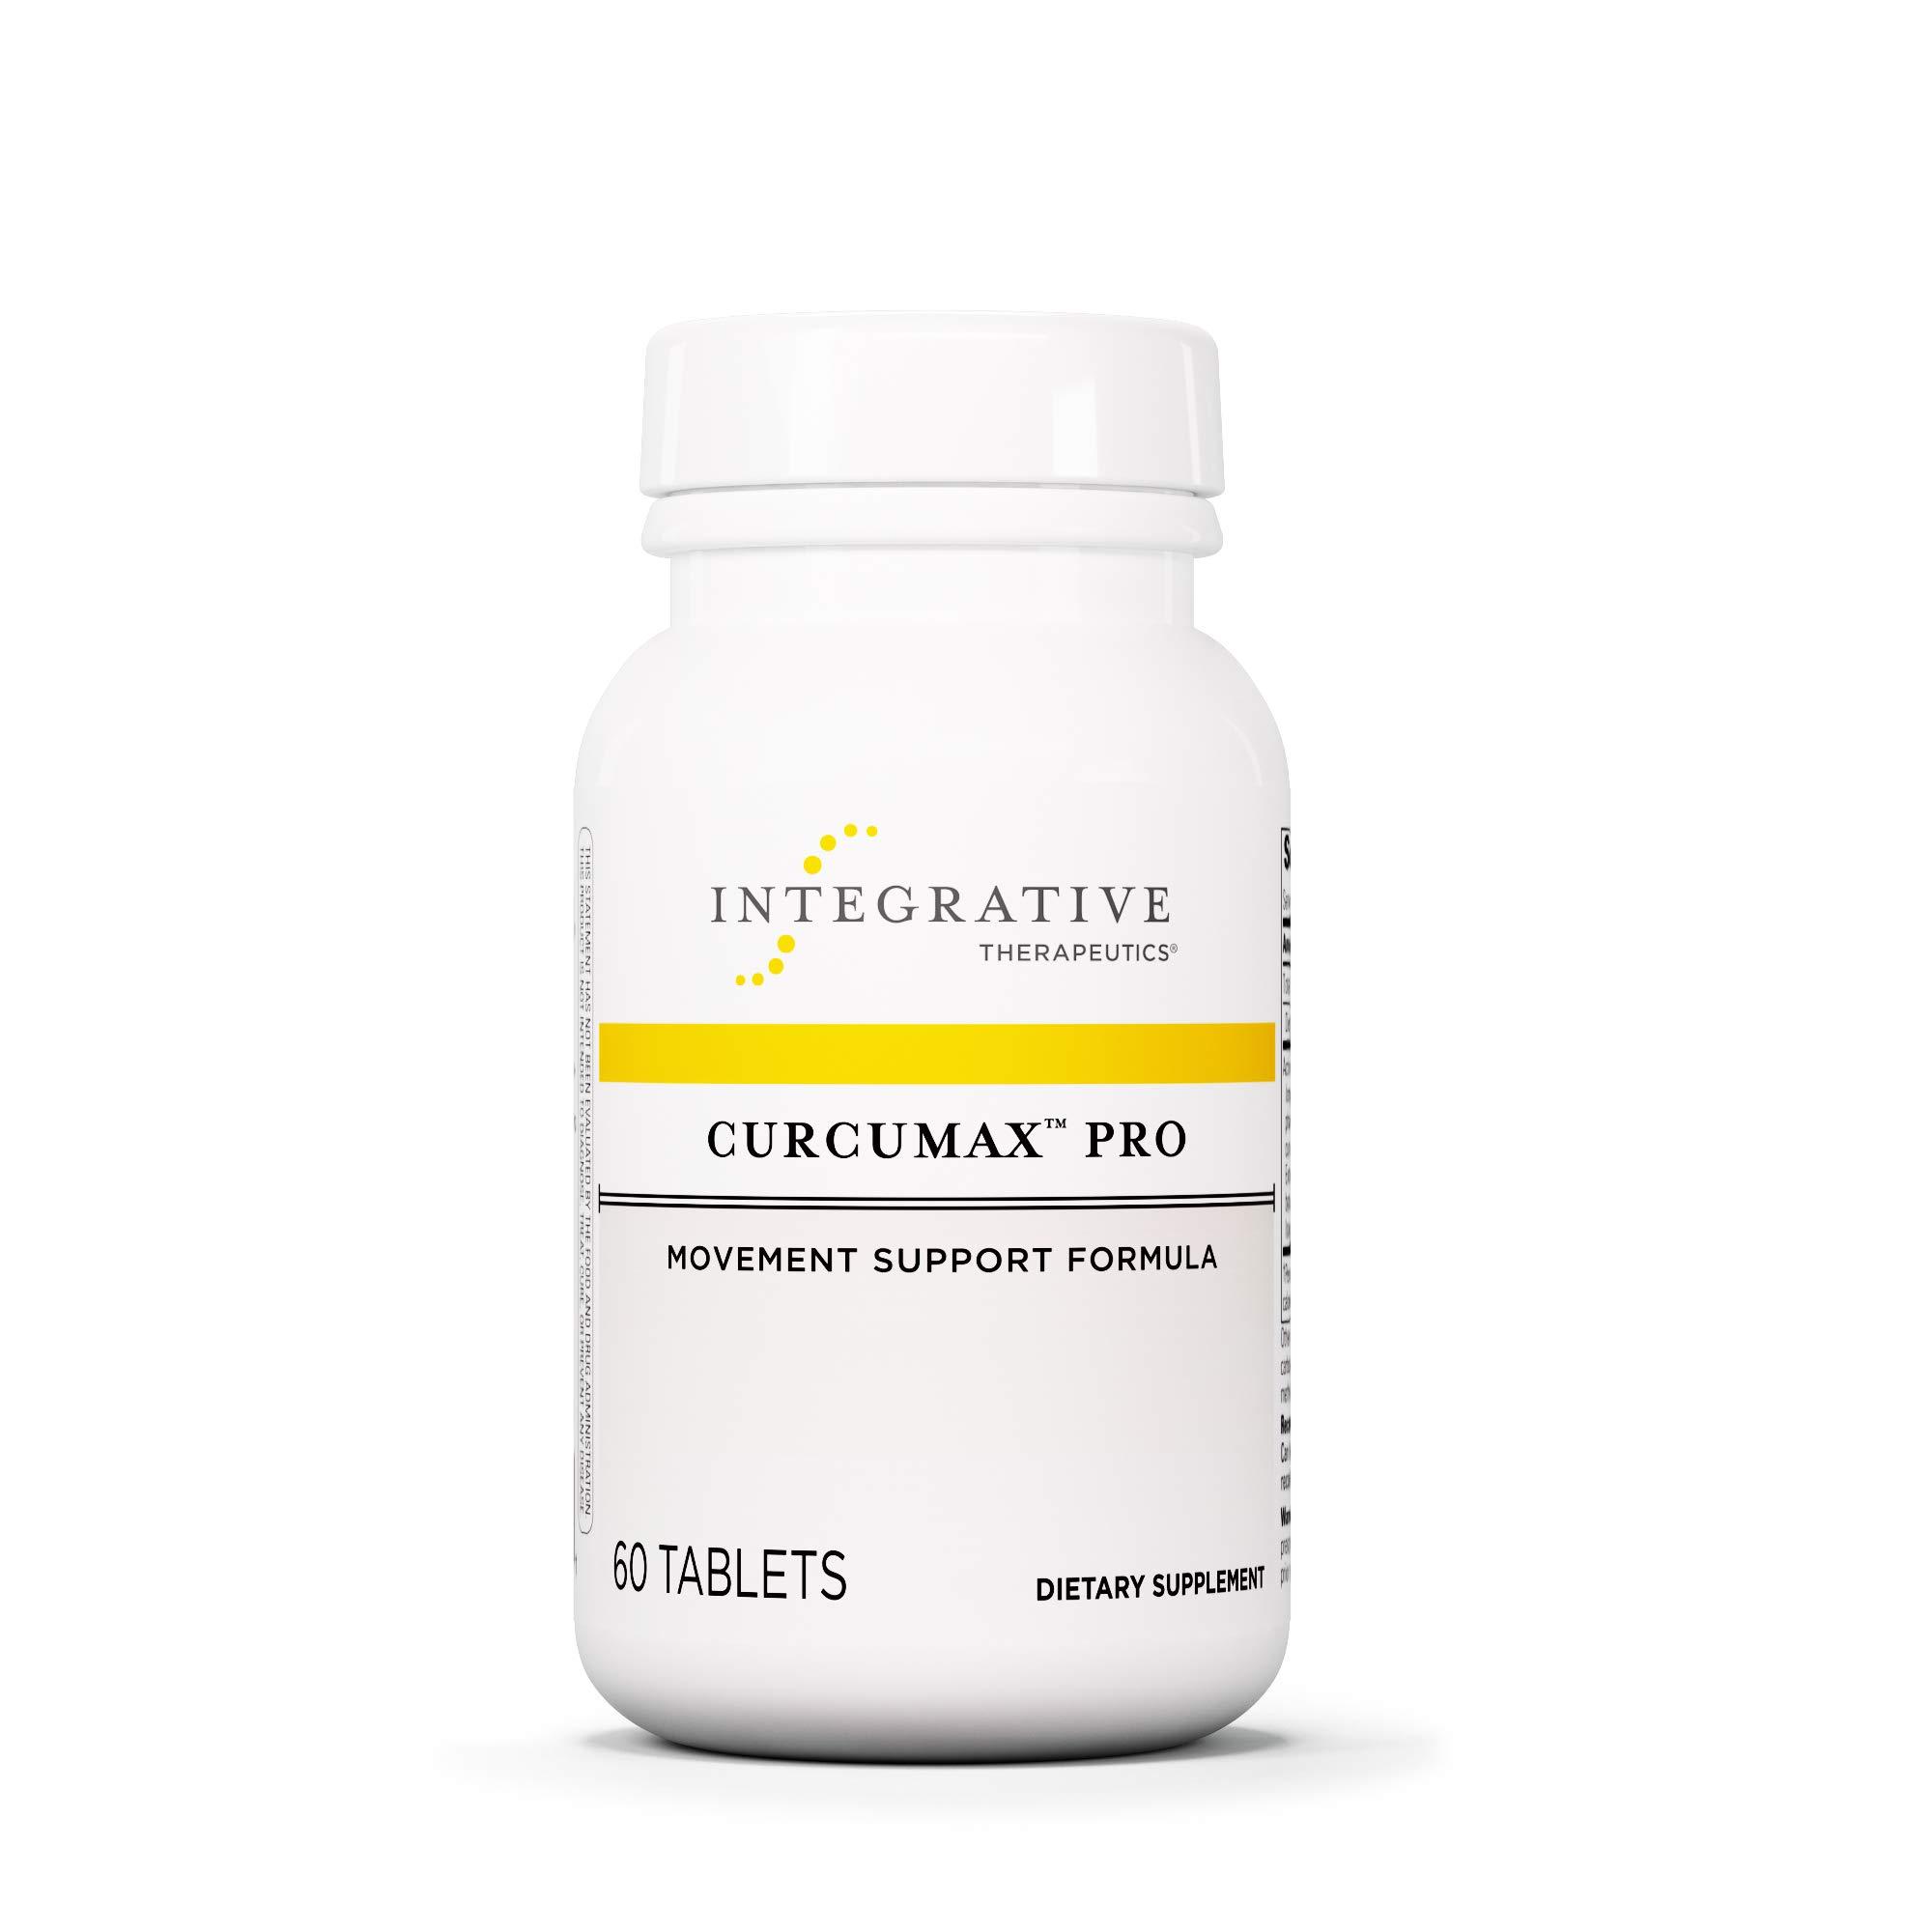 Integrative Therapeutics - Curcumax Pro - Movement Support Formula - 60 Tablets by Integrative Therapeutics